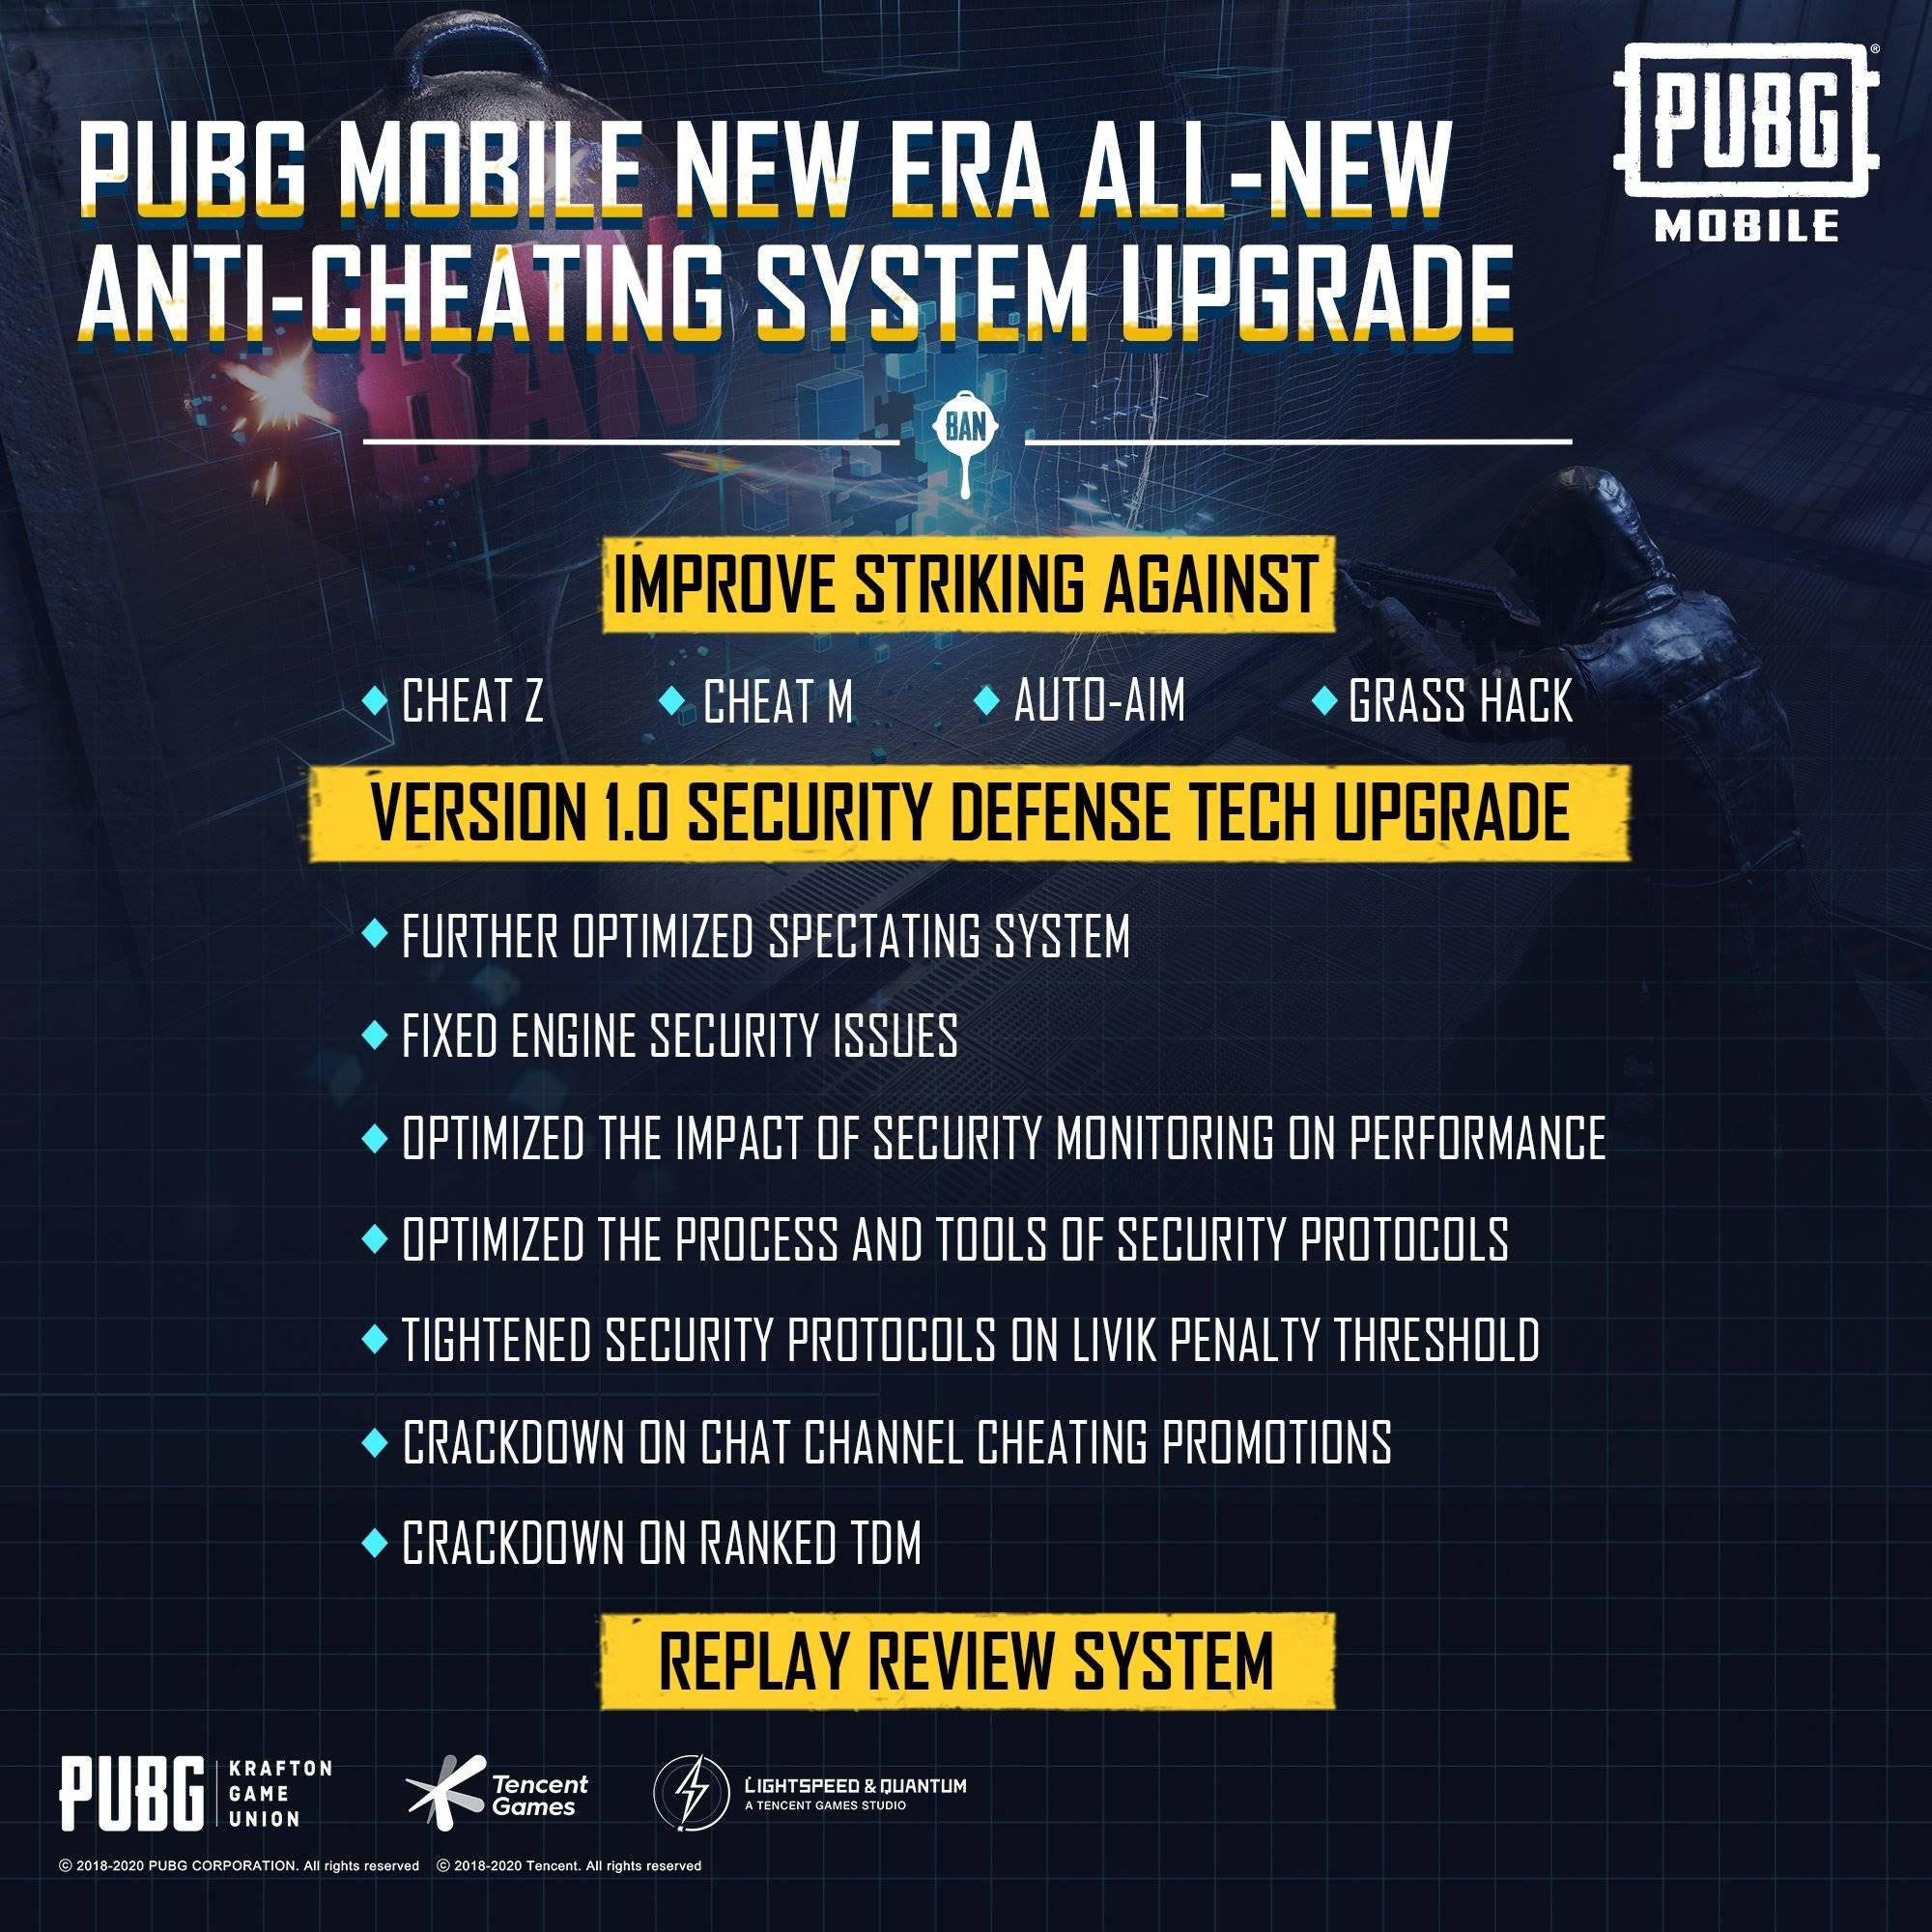 pubg mobile new era